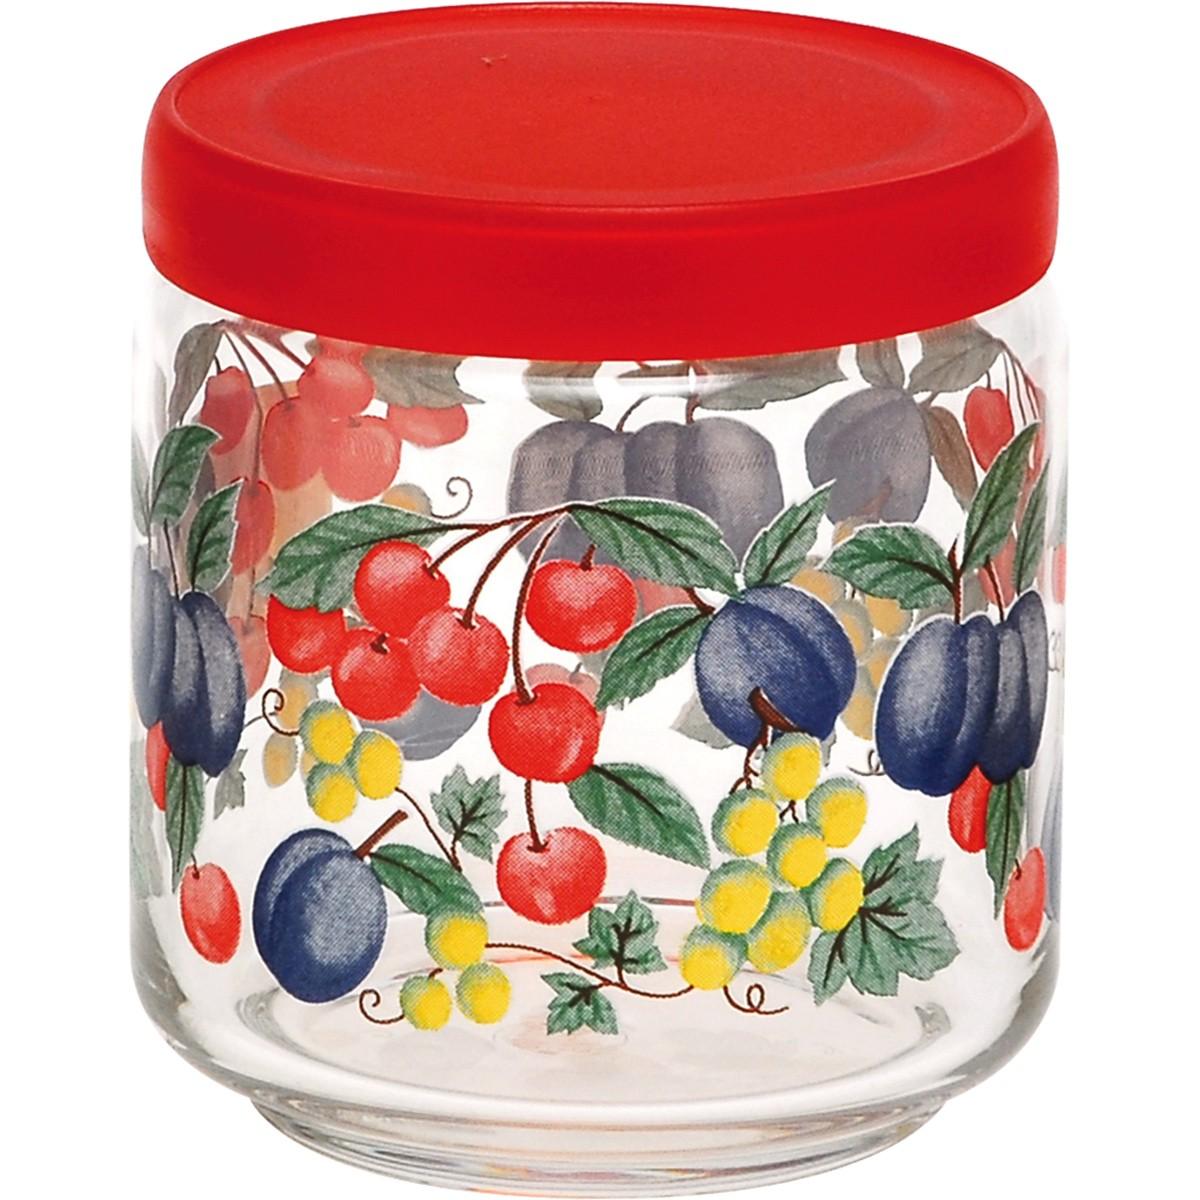 Βάζο Κουζίνας (500ml) Home Design Fruity Life Red ASFL/2